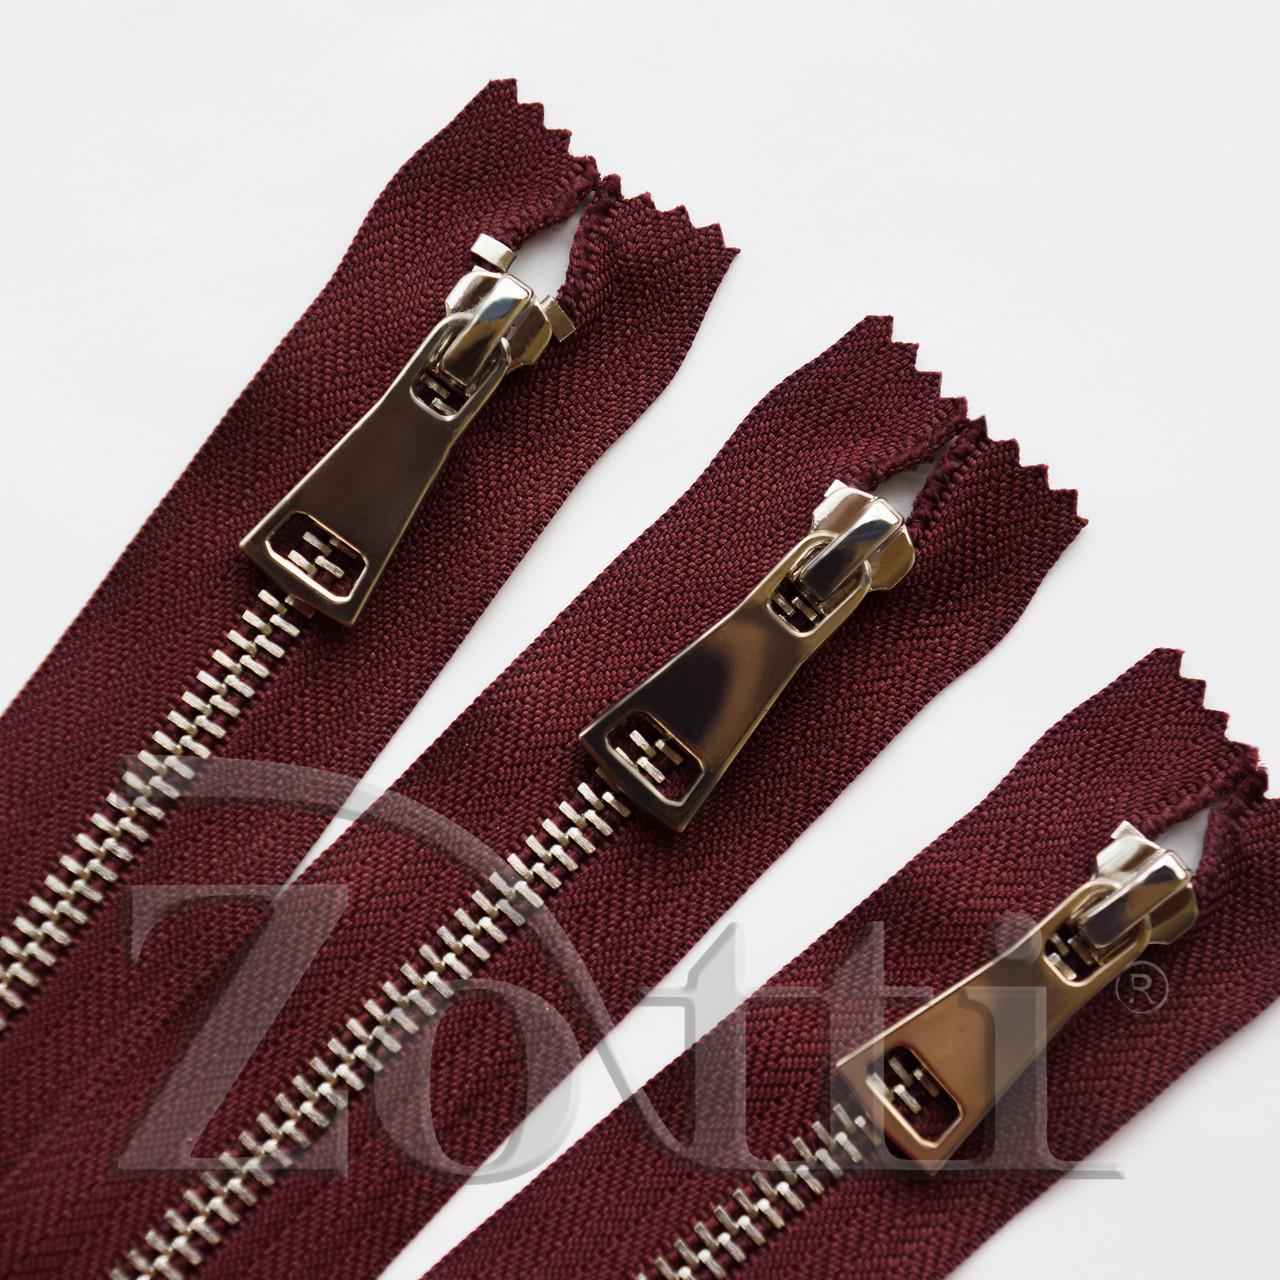 Молния (змейка,застежка) металлическая №5, размерная, обувная, бордовая, с серебряным бегунком № 115 - 14 см